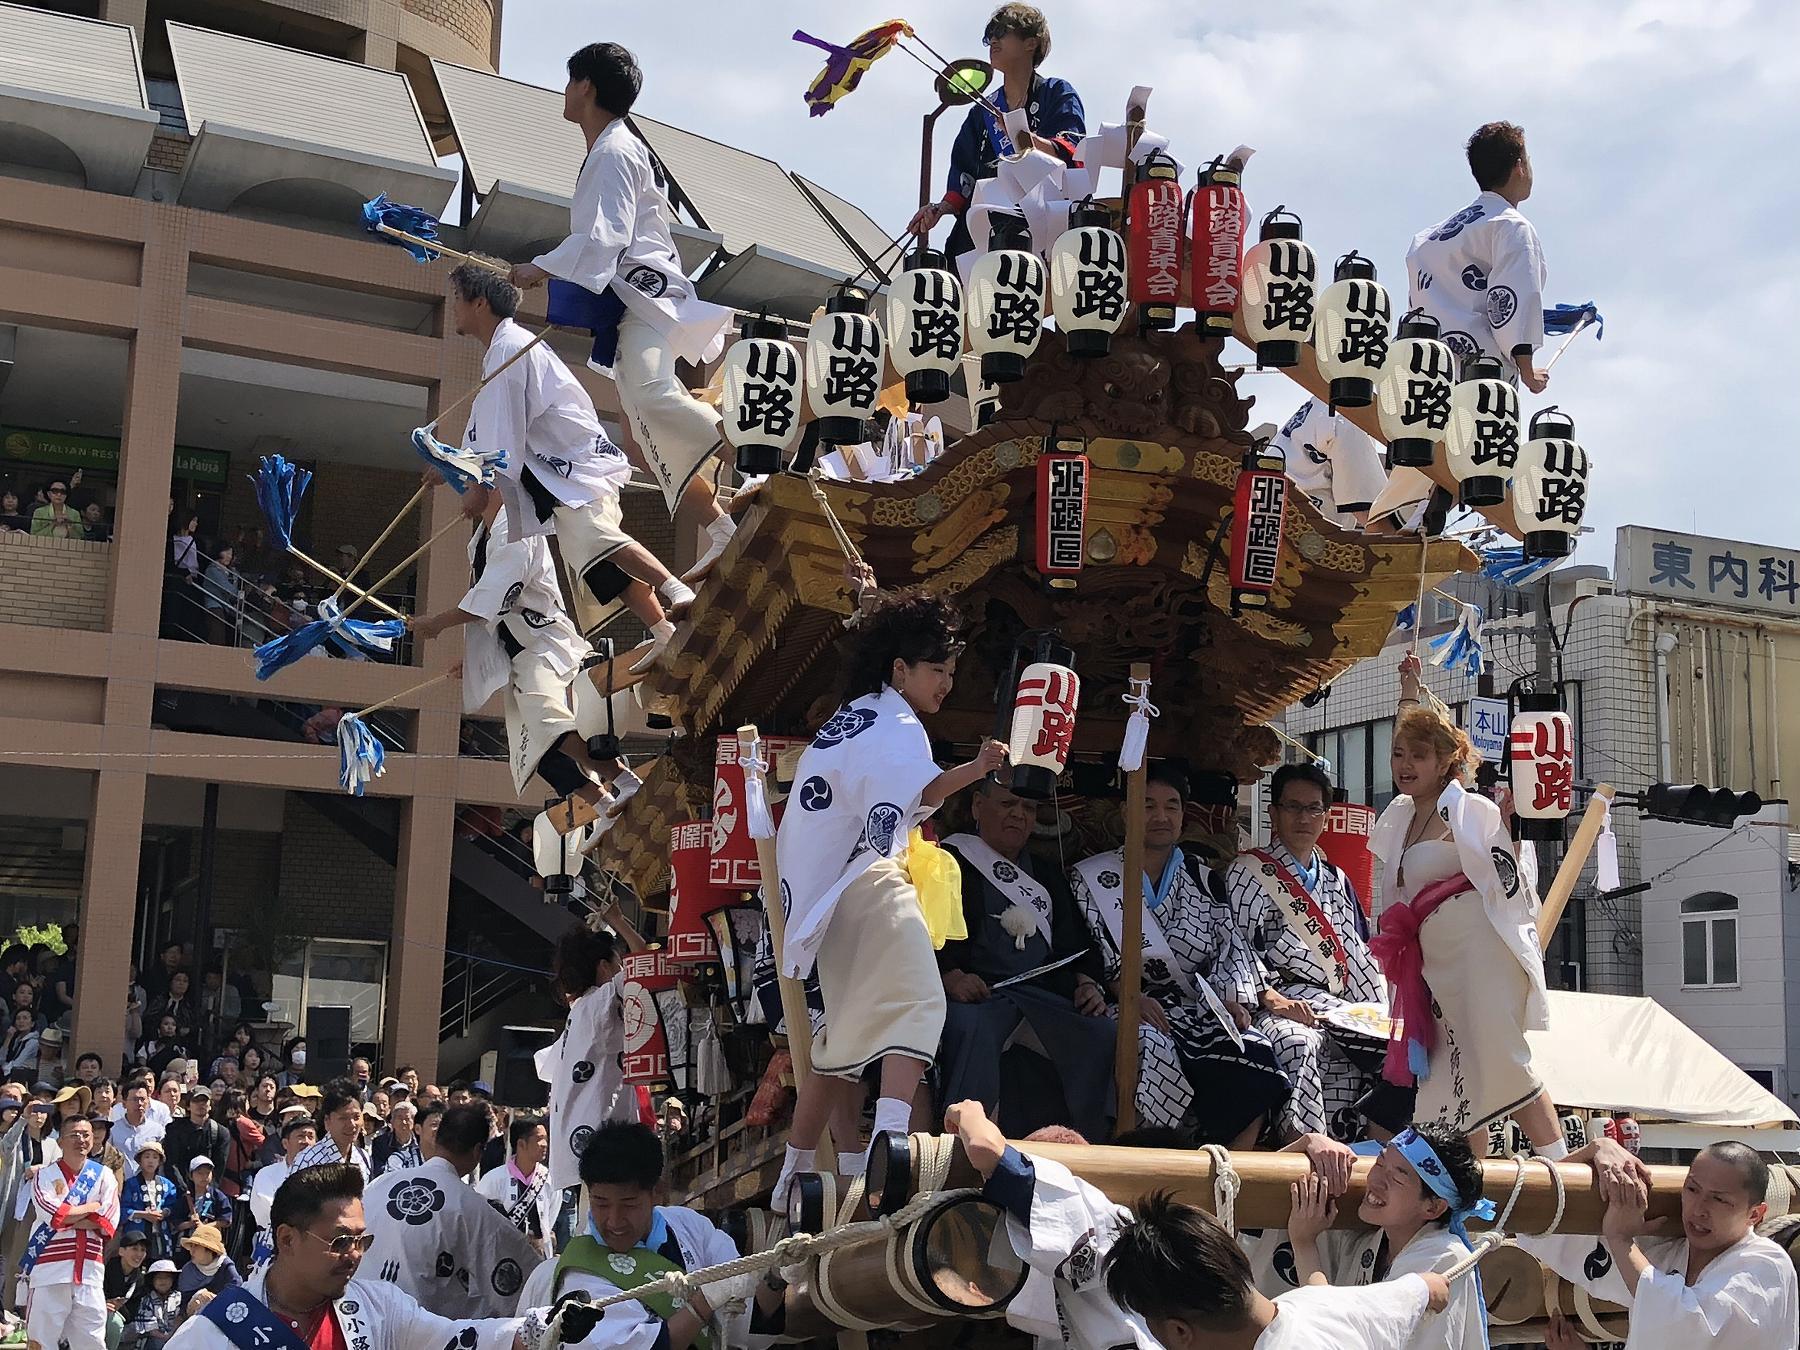 「第31回本山だんじりパレード」が5/4に開催!華やかな10基のだんじりを観覧してきた!【※だんじり写真あり】#本山だんじりパレード #東灘だんじり